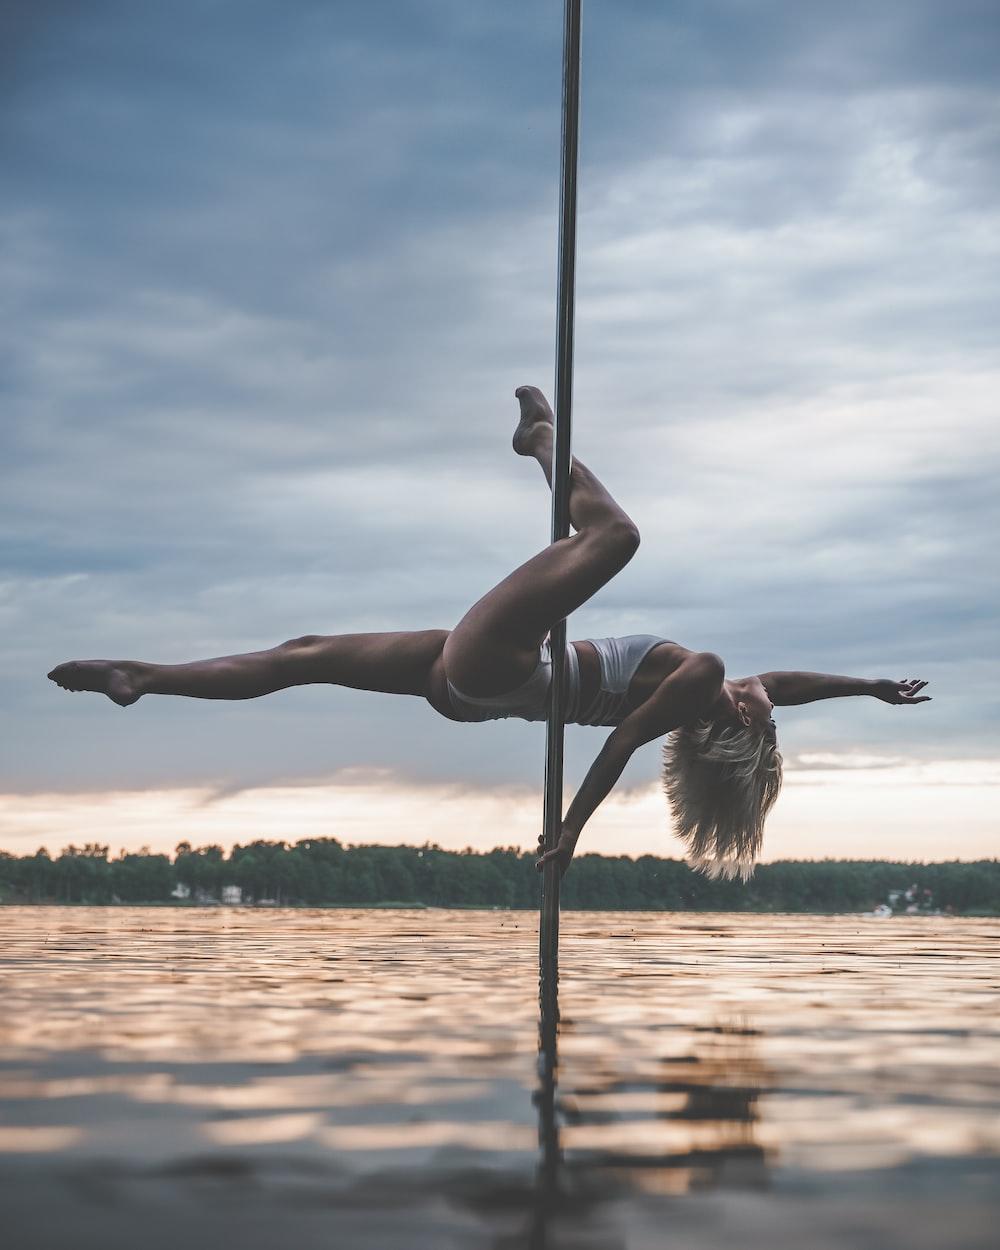 woman in black bikini on black metal pole during daytime